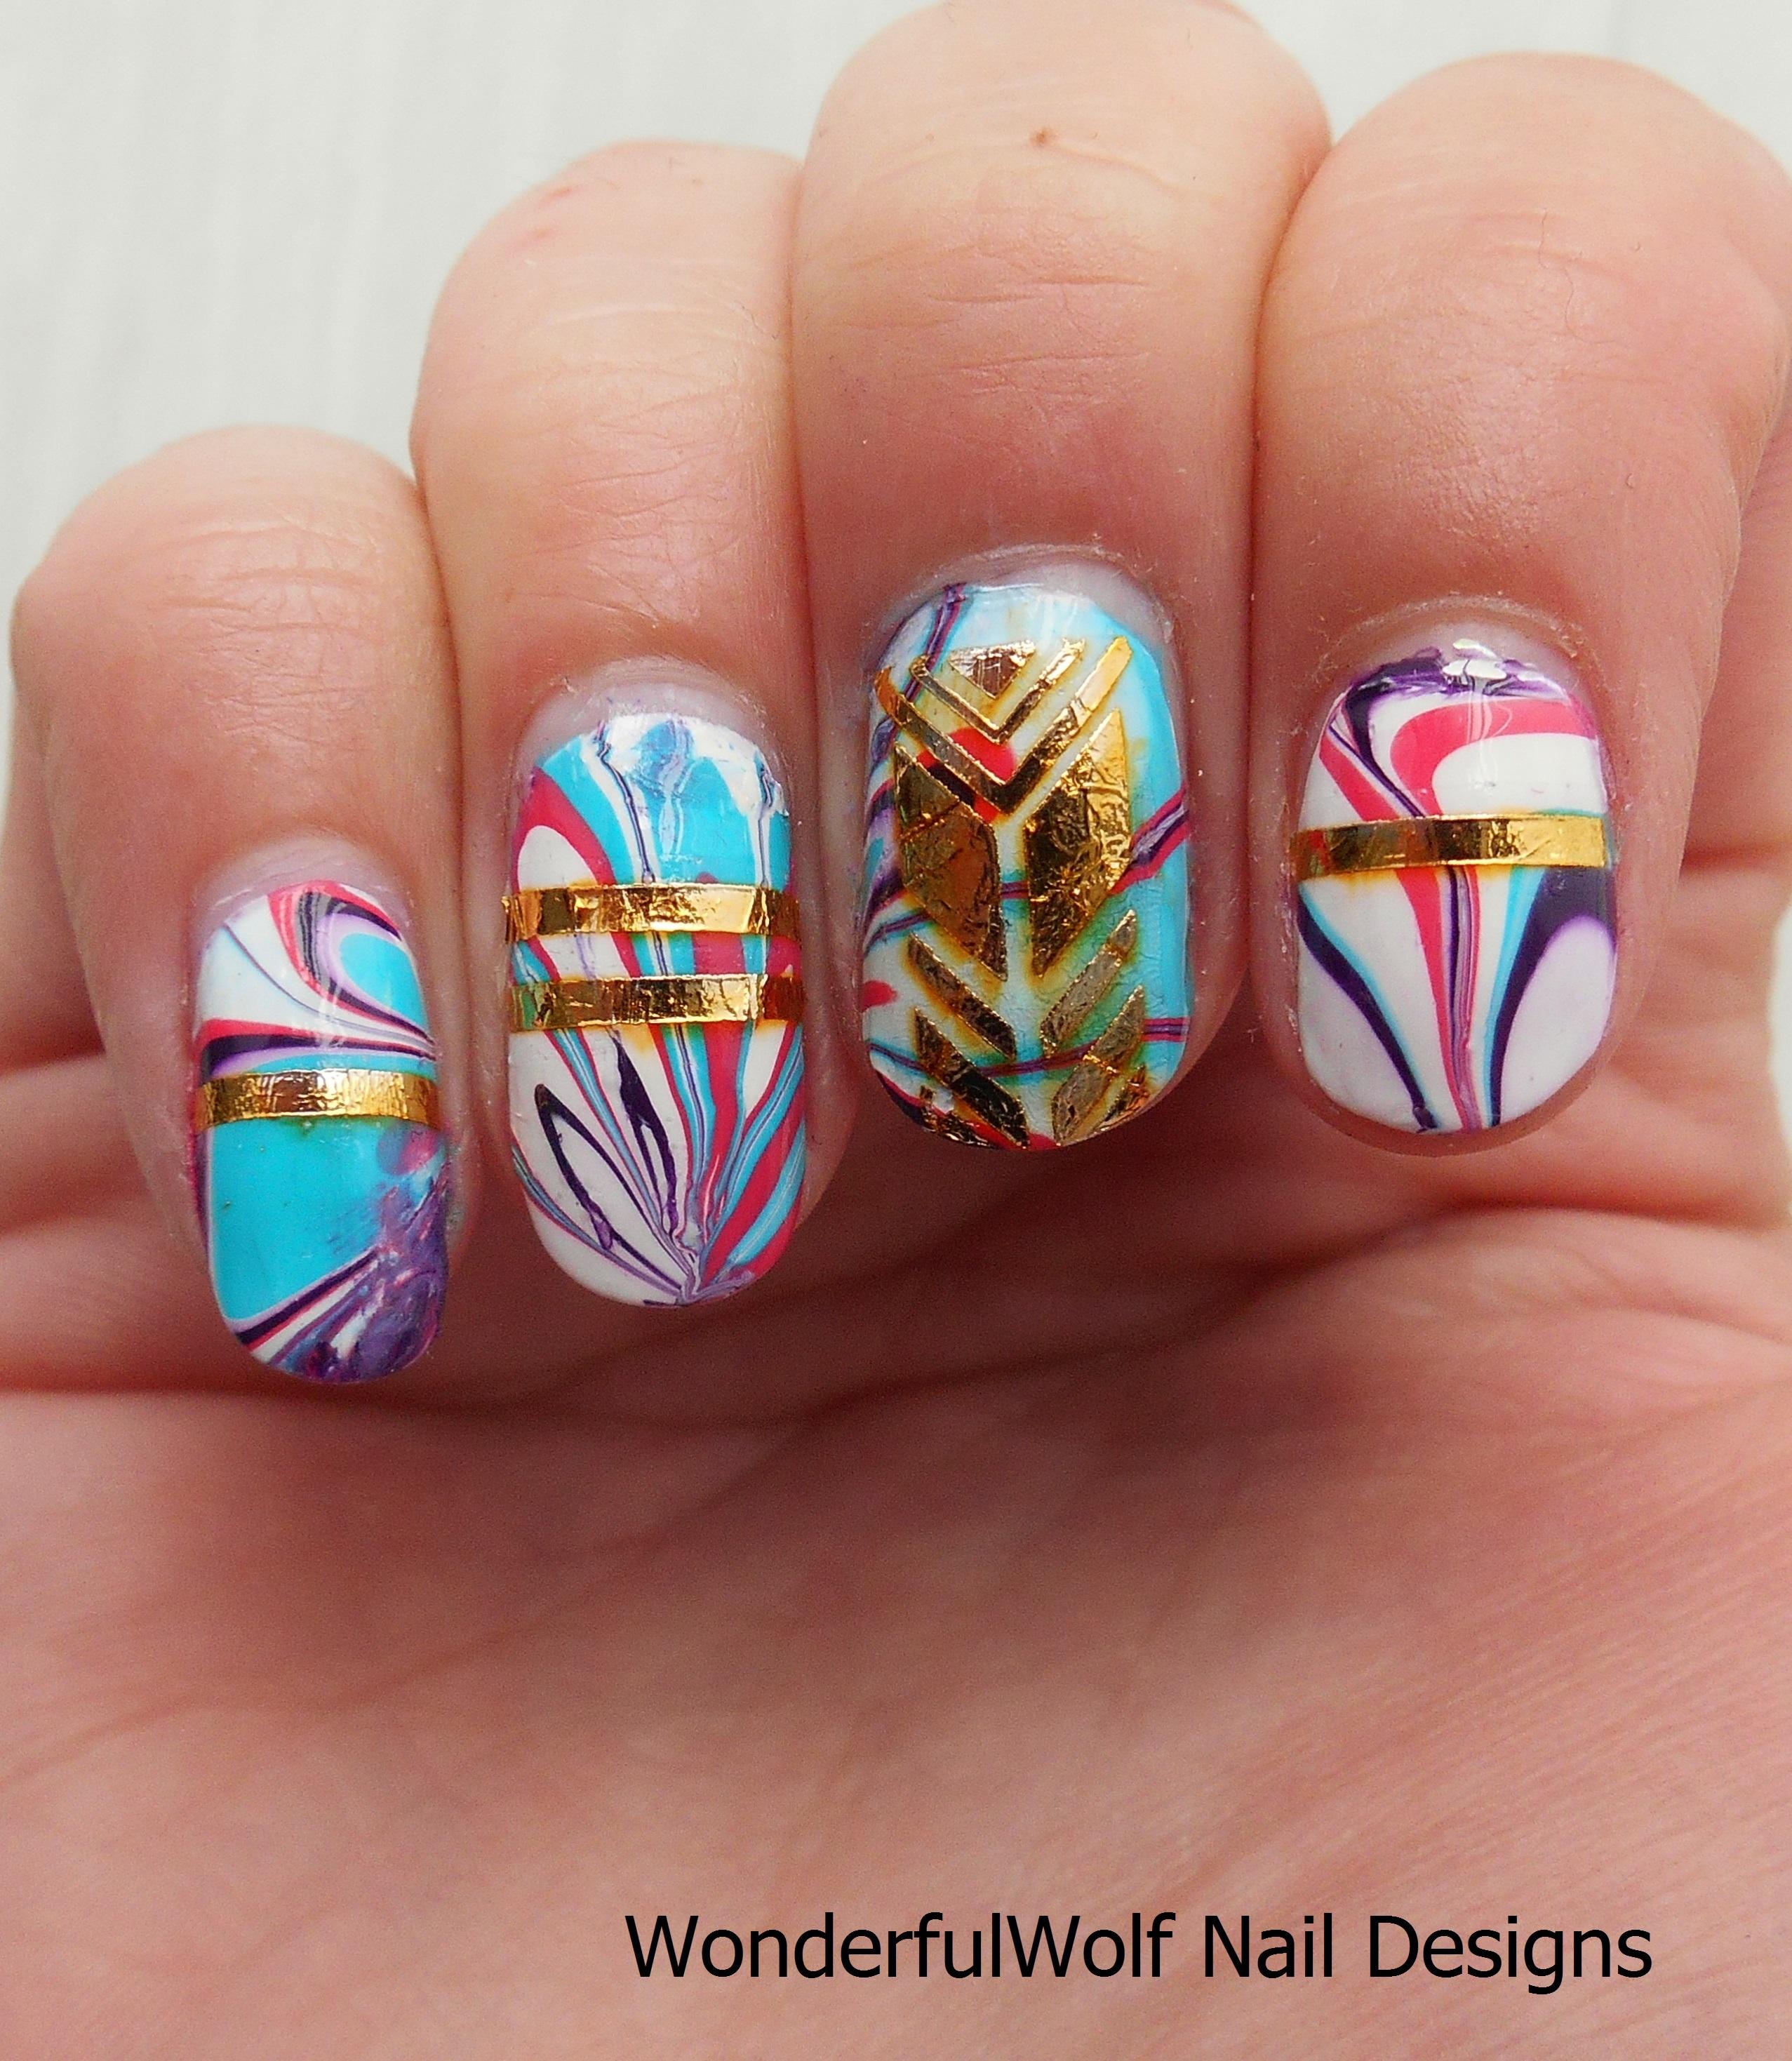 Water Marbling Nail Art – WonderfulWolf